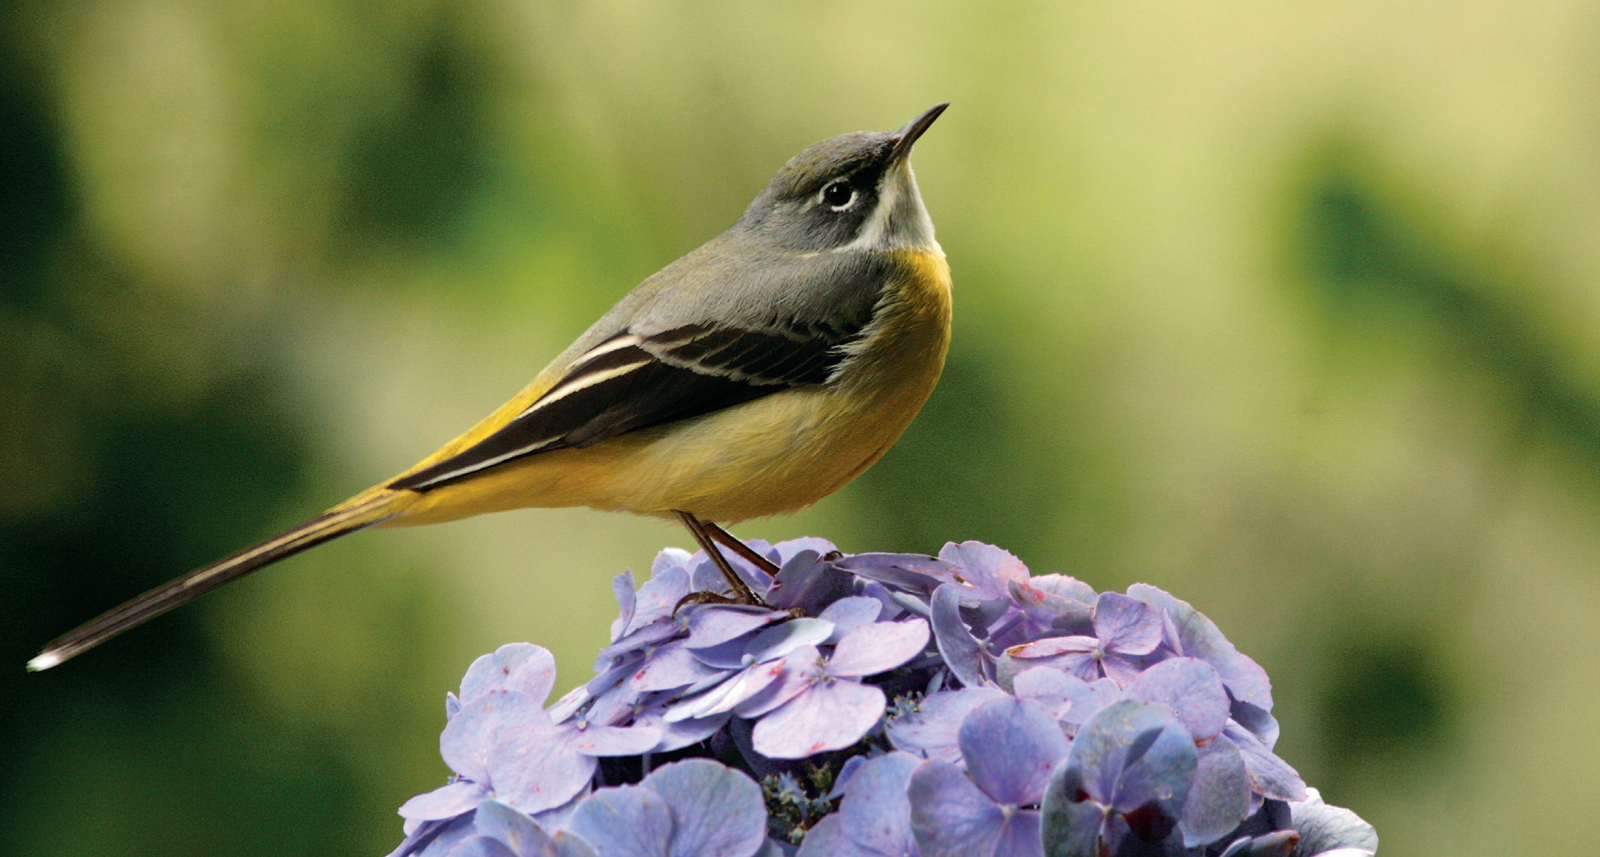 Top Azores: 22 aves que tornam o céu no melhor lugar dos Açores